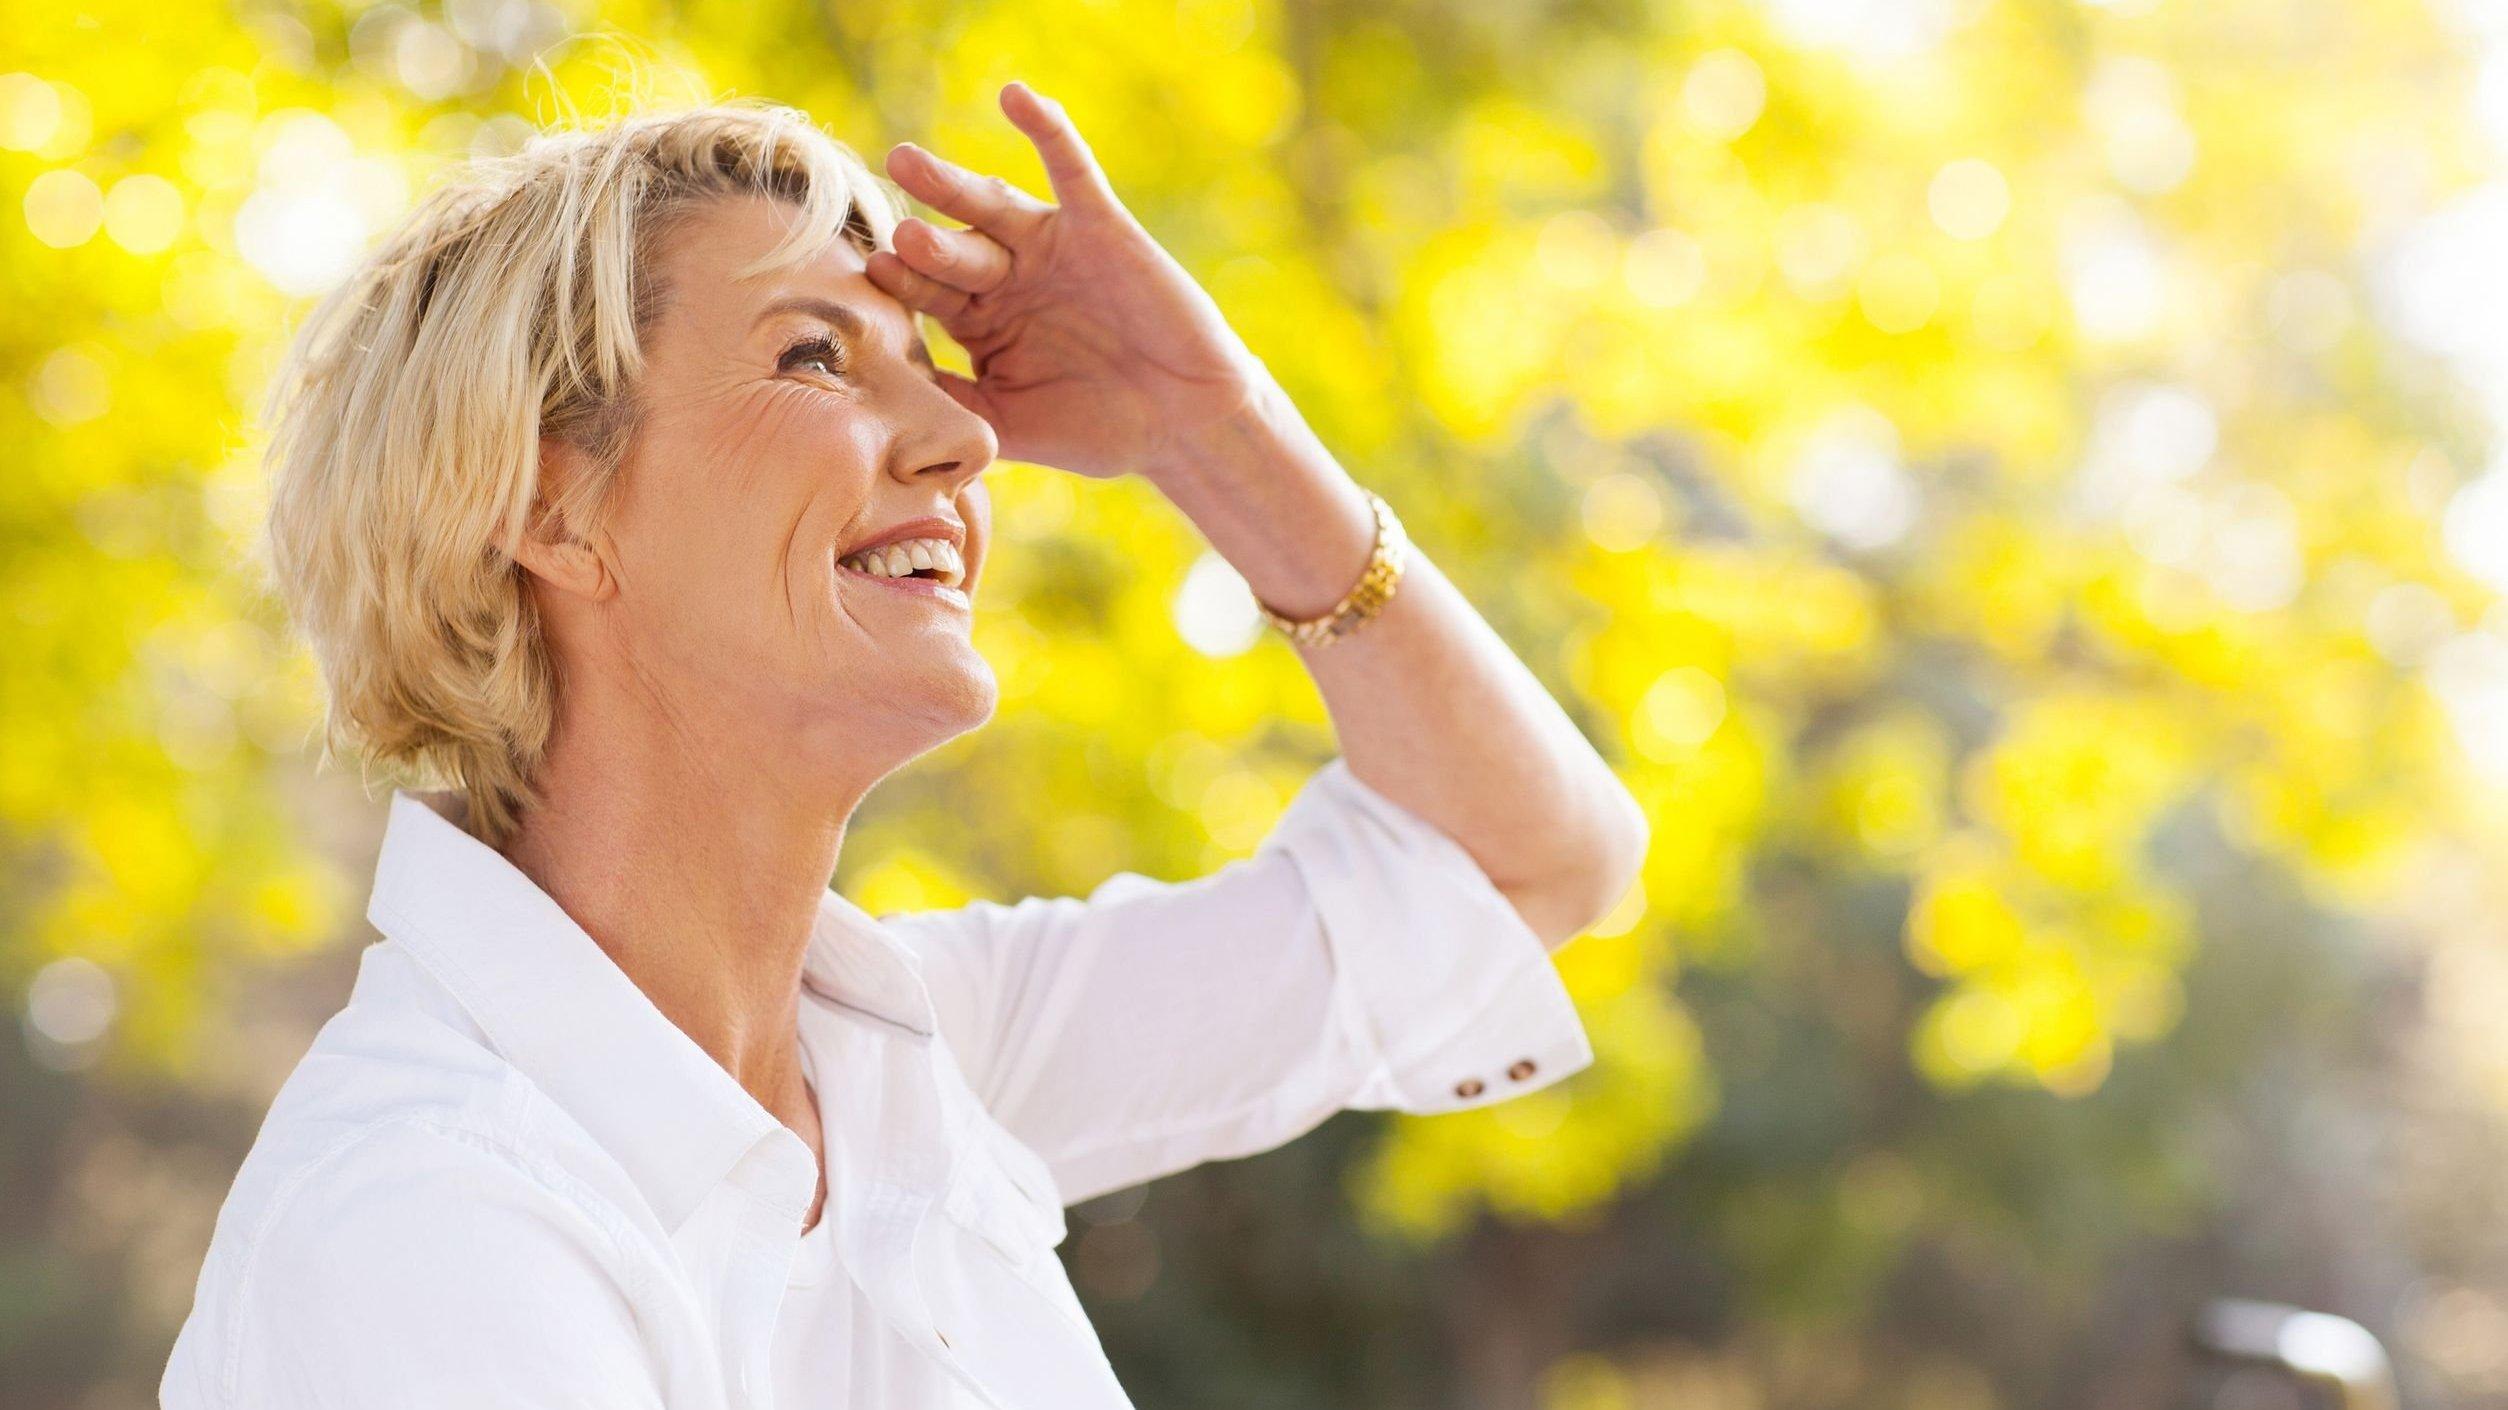 Mulher sorridente olha para cima